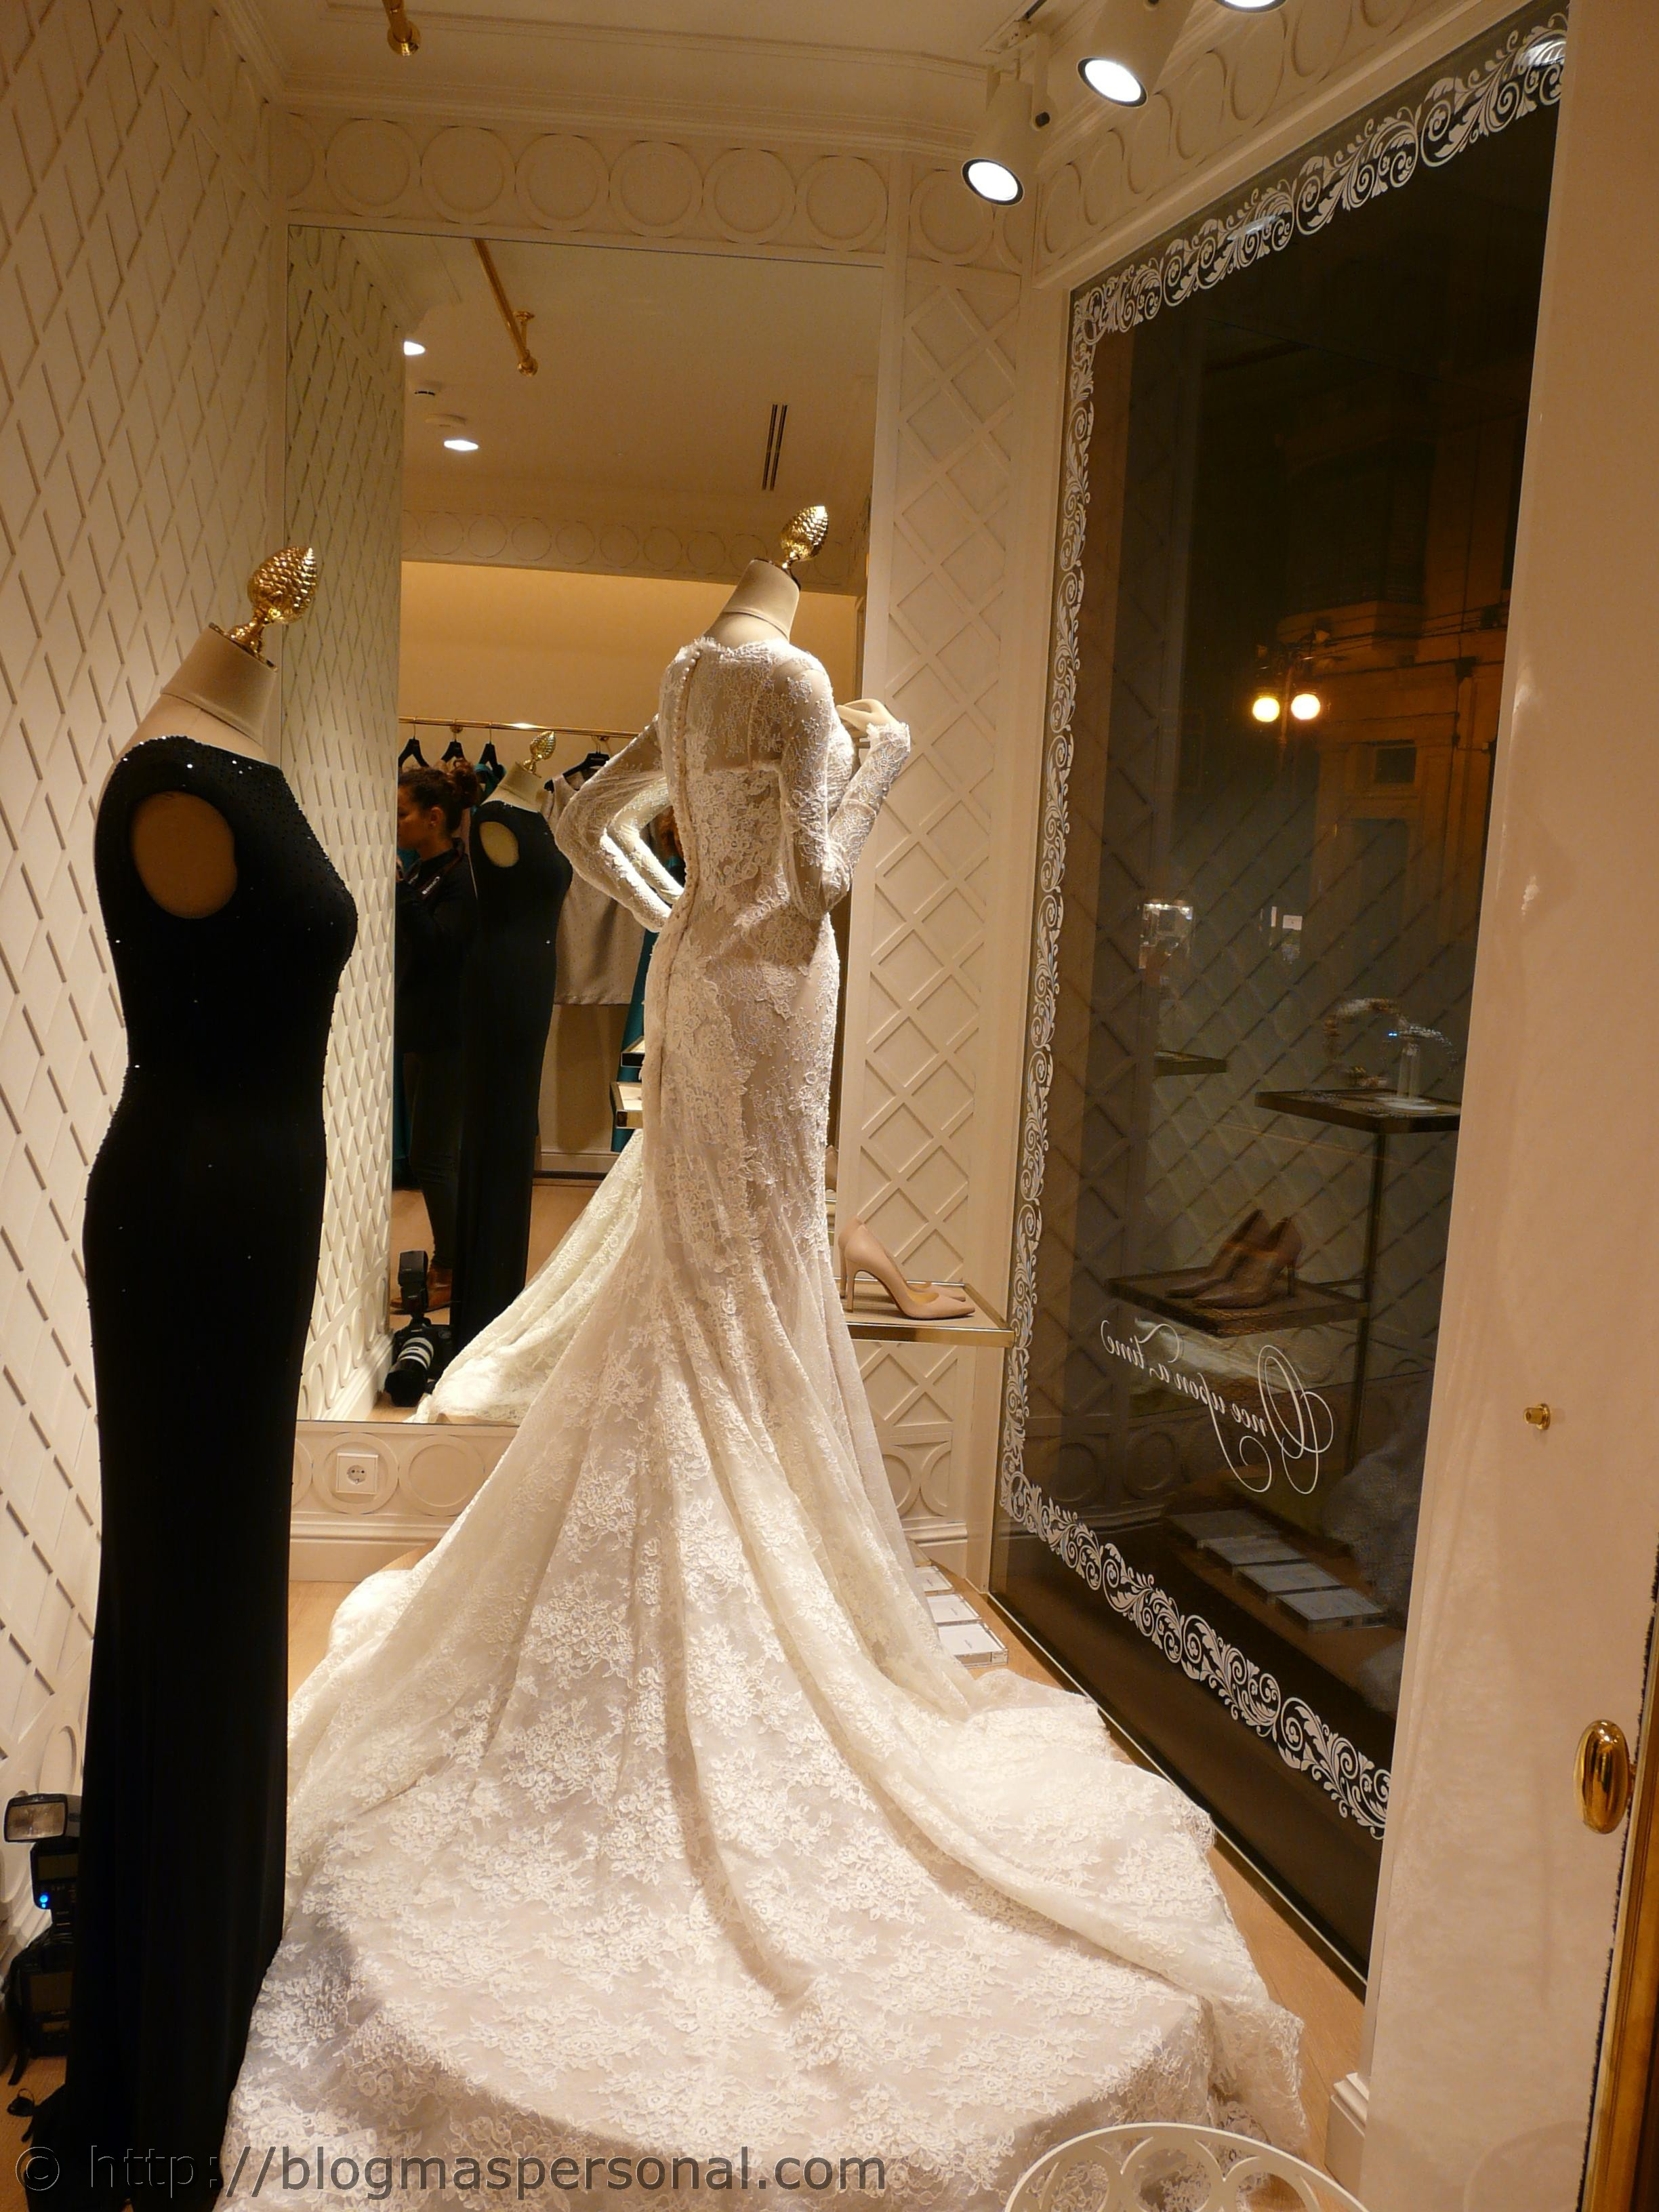 Diseñadora Vestidos Novia Bilbao Diseñadora Vestidos vw8RZ